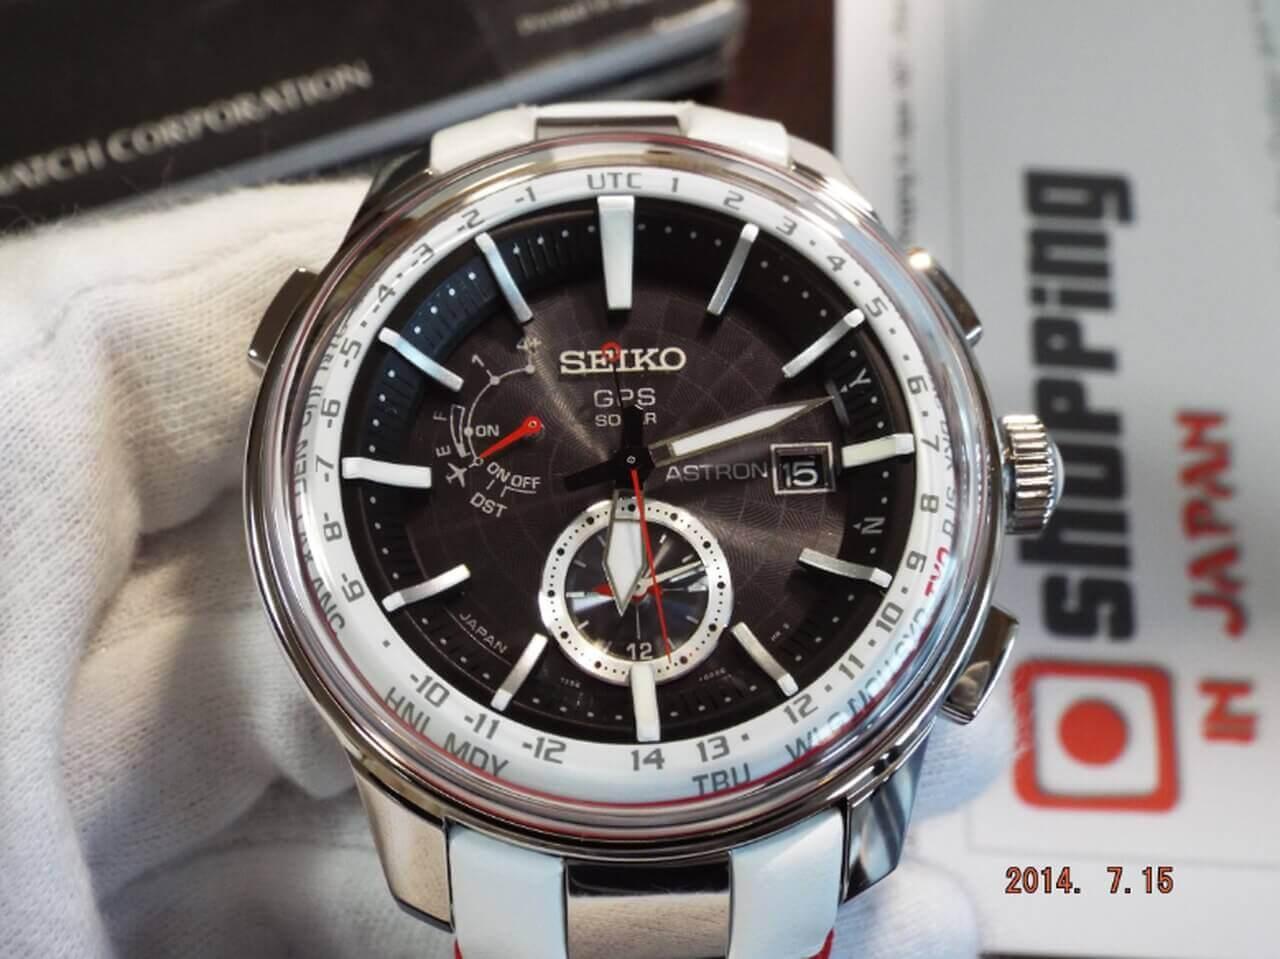 Seiko Astron SBXA045